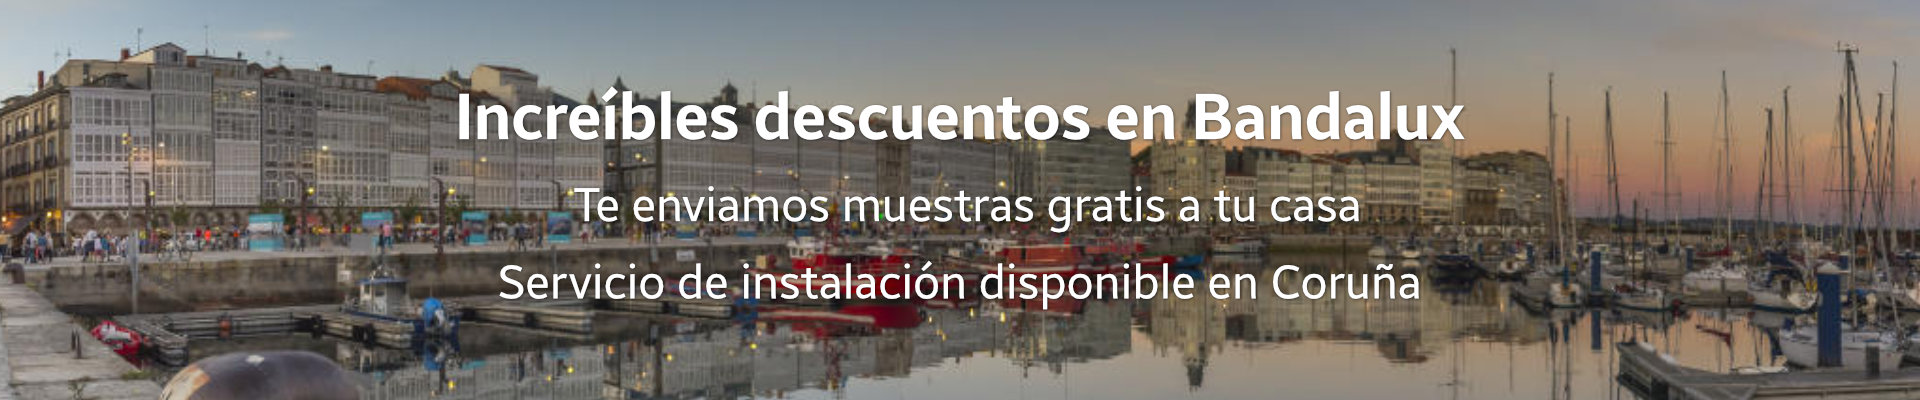 Grandes descuentos en Bandalux para Coruña